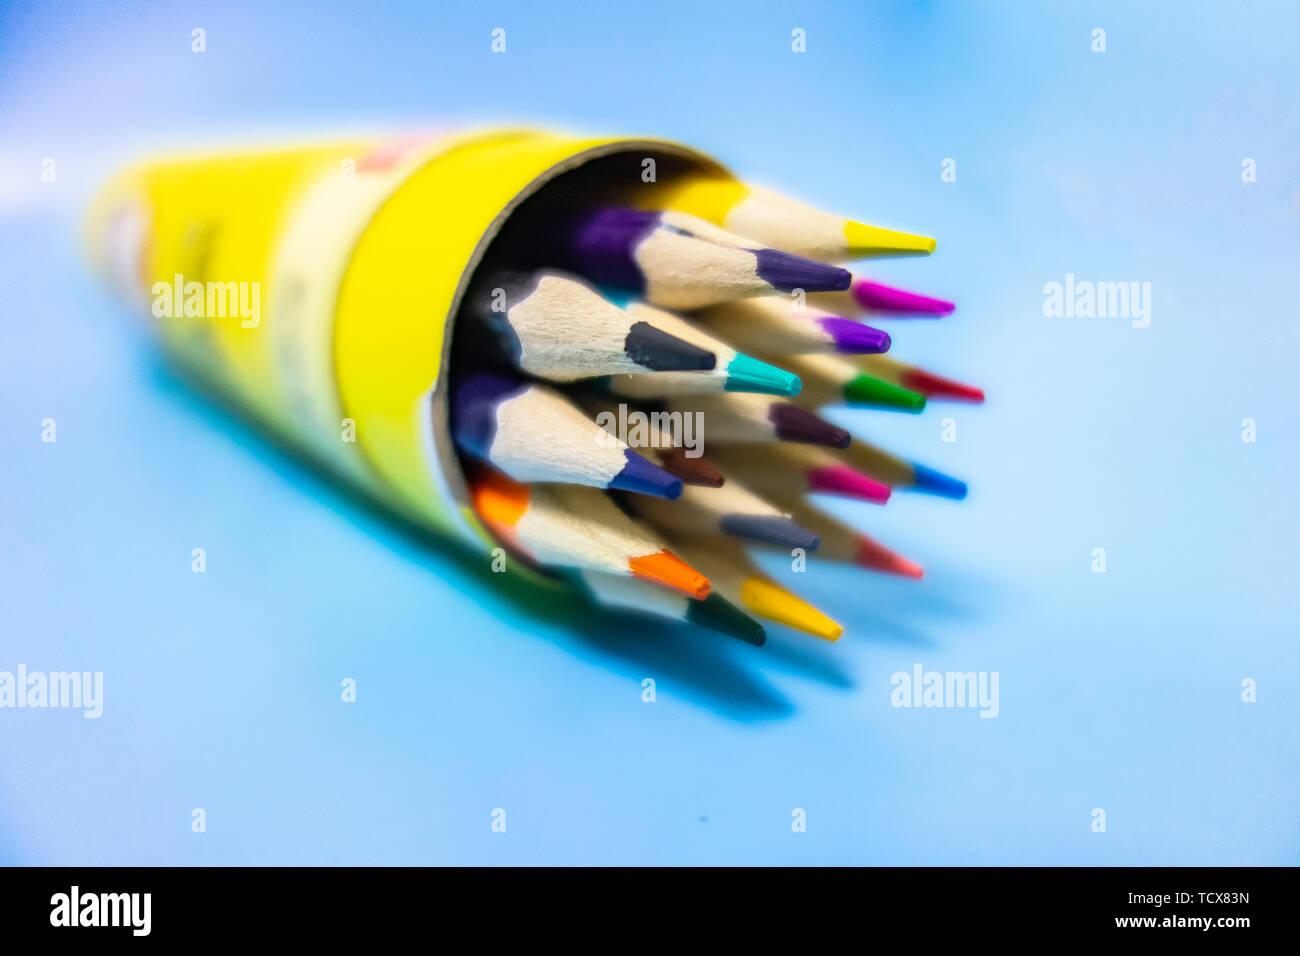 Un crayon de couleur sont soigneusement disposées dans un fond bleu Banque D'Images